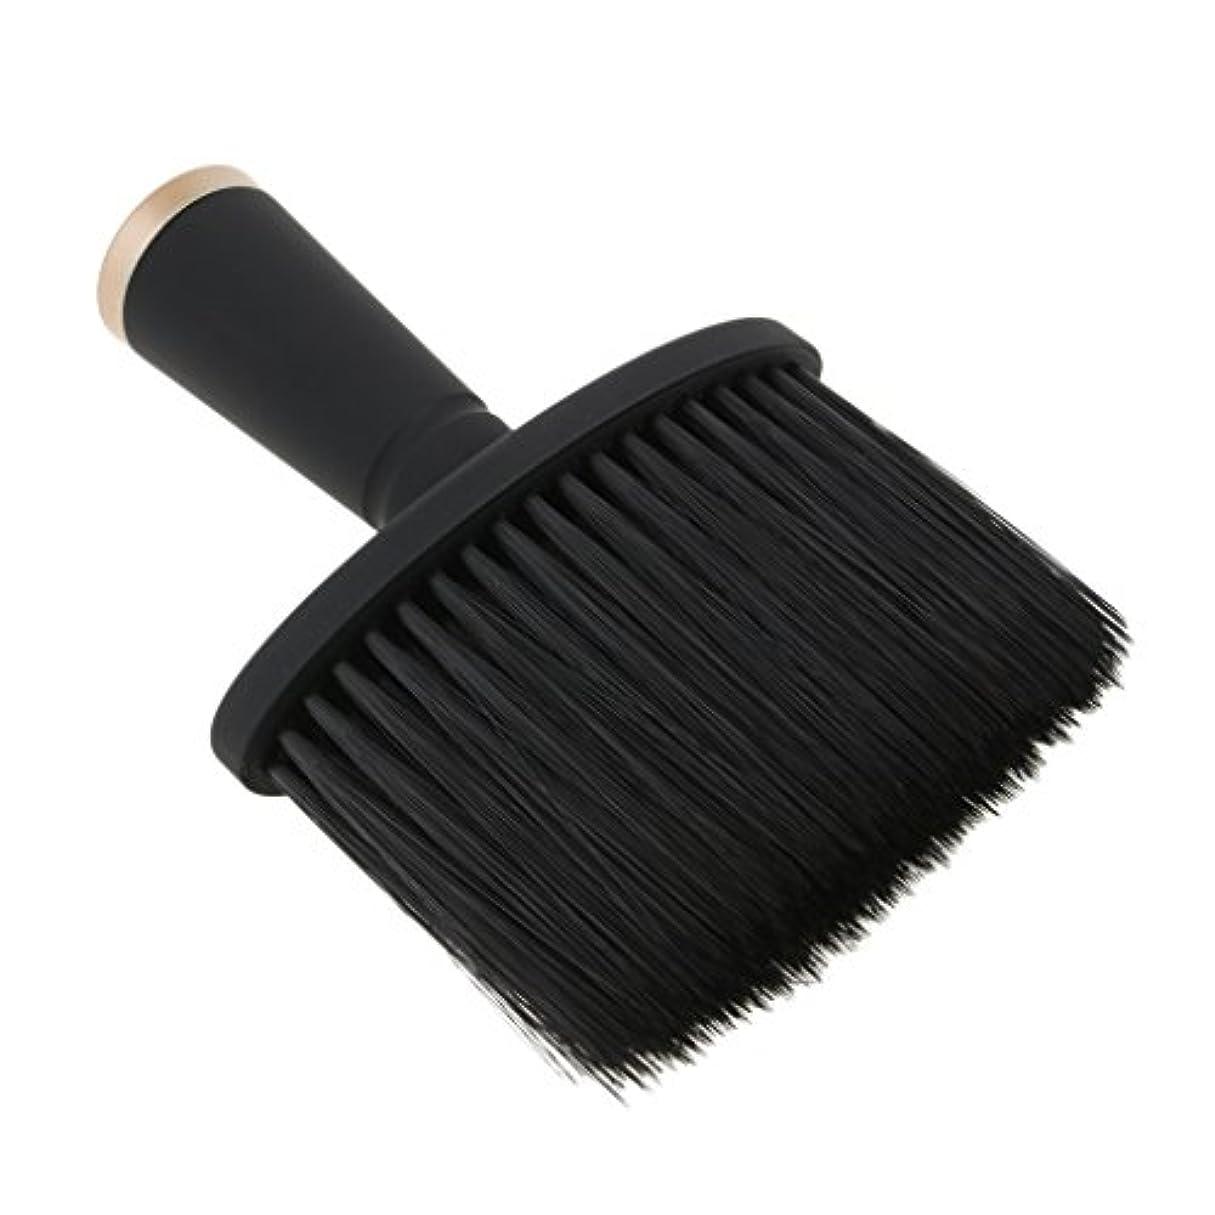 遠征リビジョンアンソロジーFutuHome 専門の理髪師の首の塵払いのブラシ、毛の切断のための柔らかいクリーニングの表面ブラシ、携帯用設計 - ゴールド